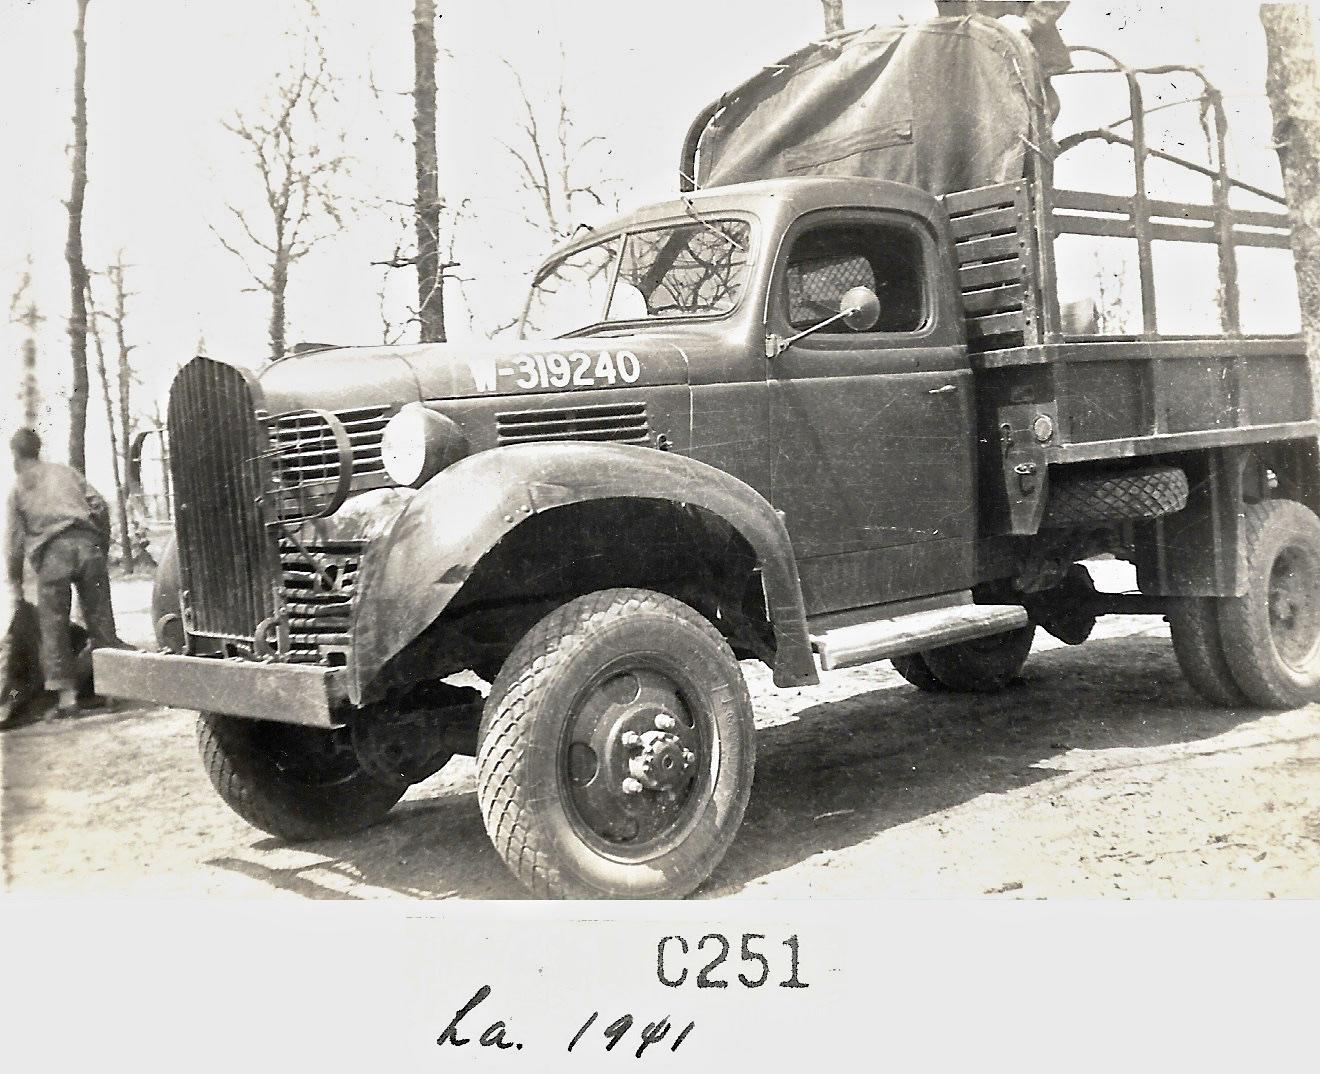 1941 Louisiana Maneuvers Truck